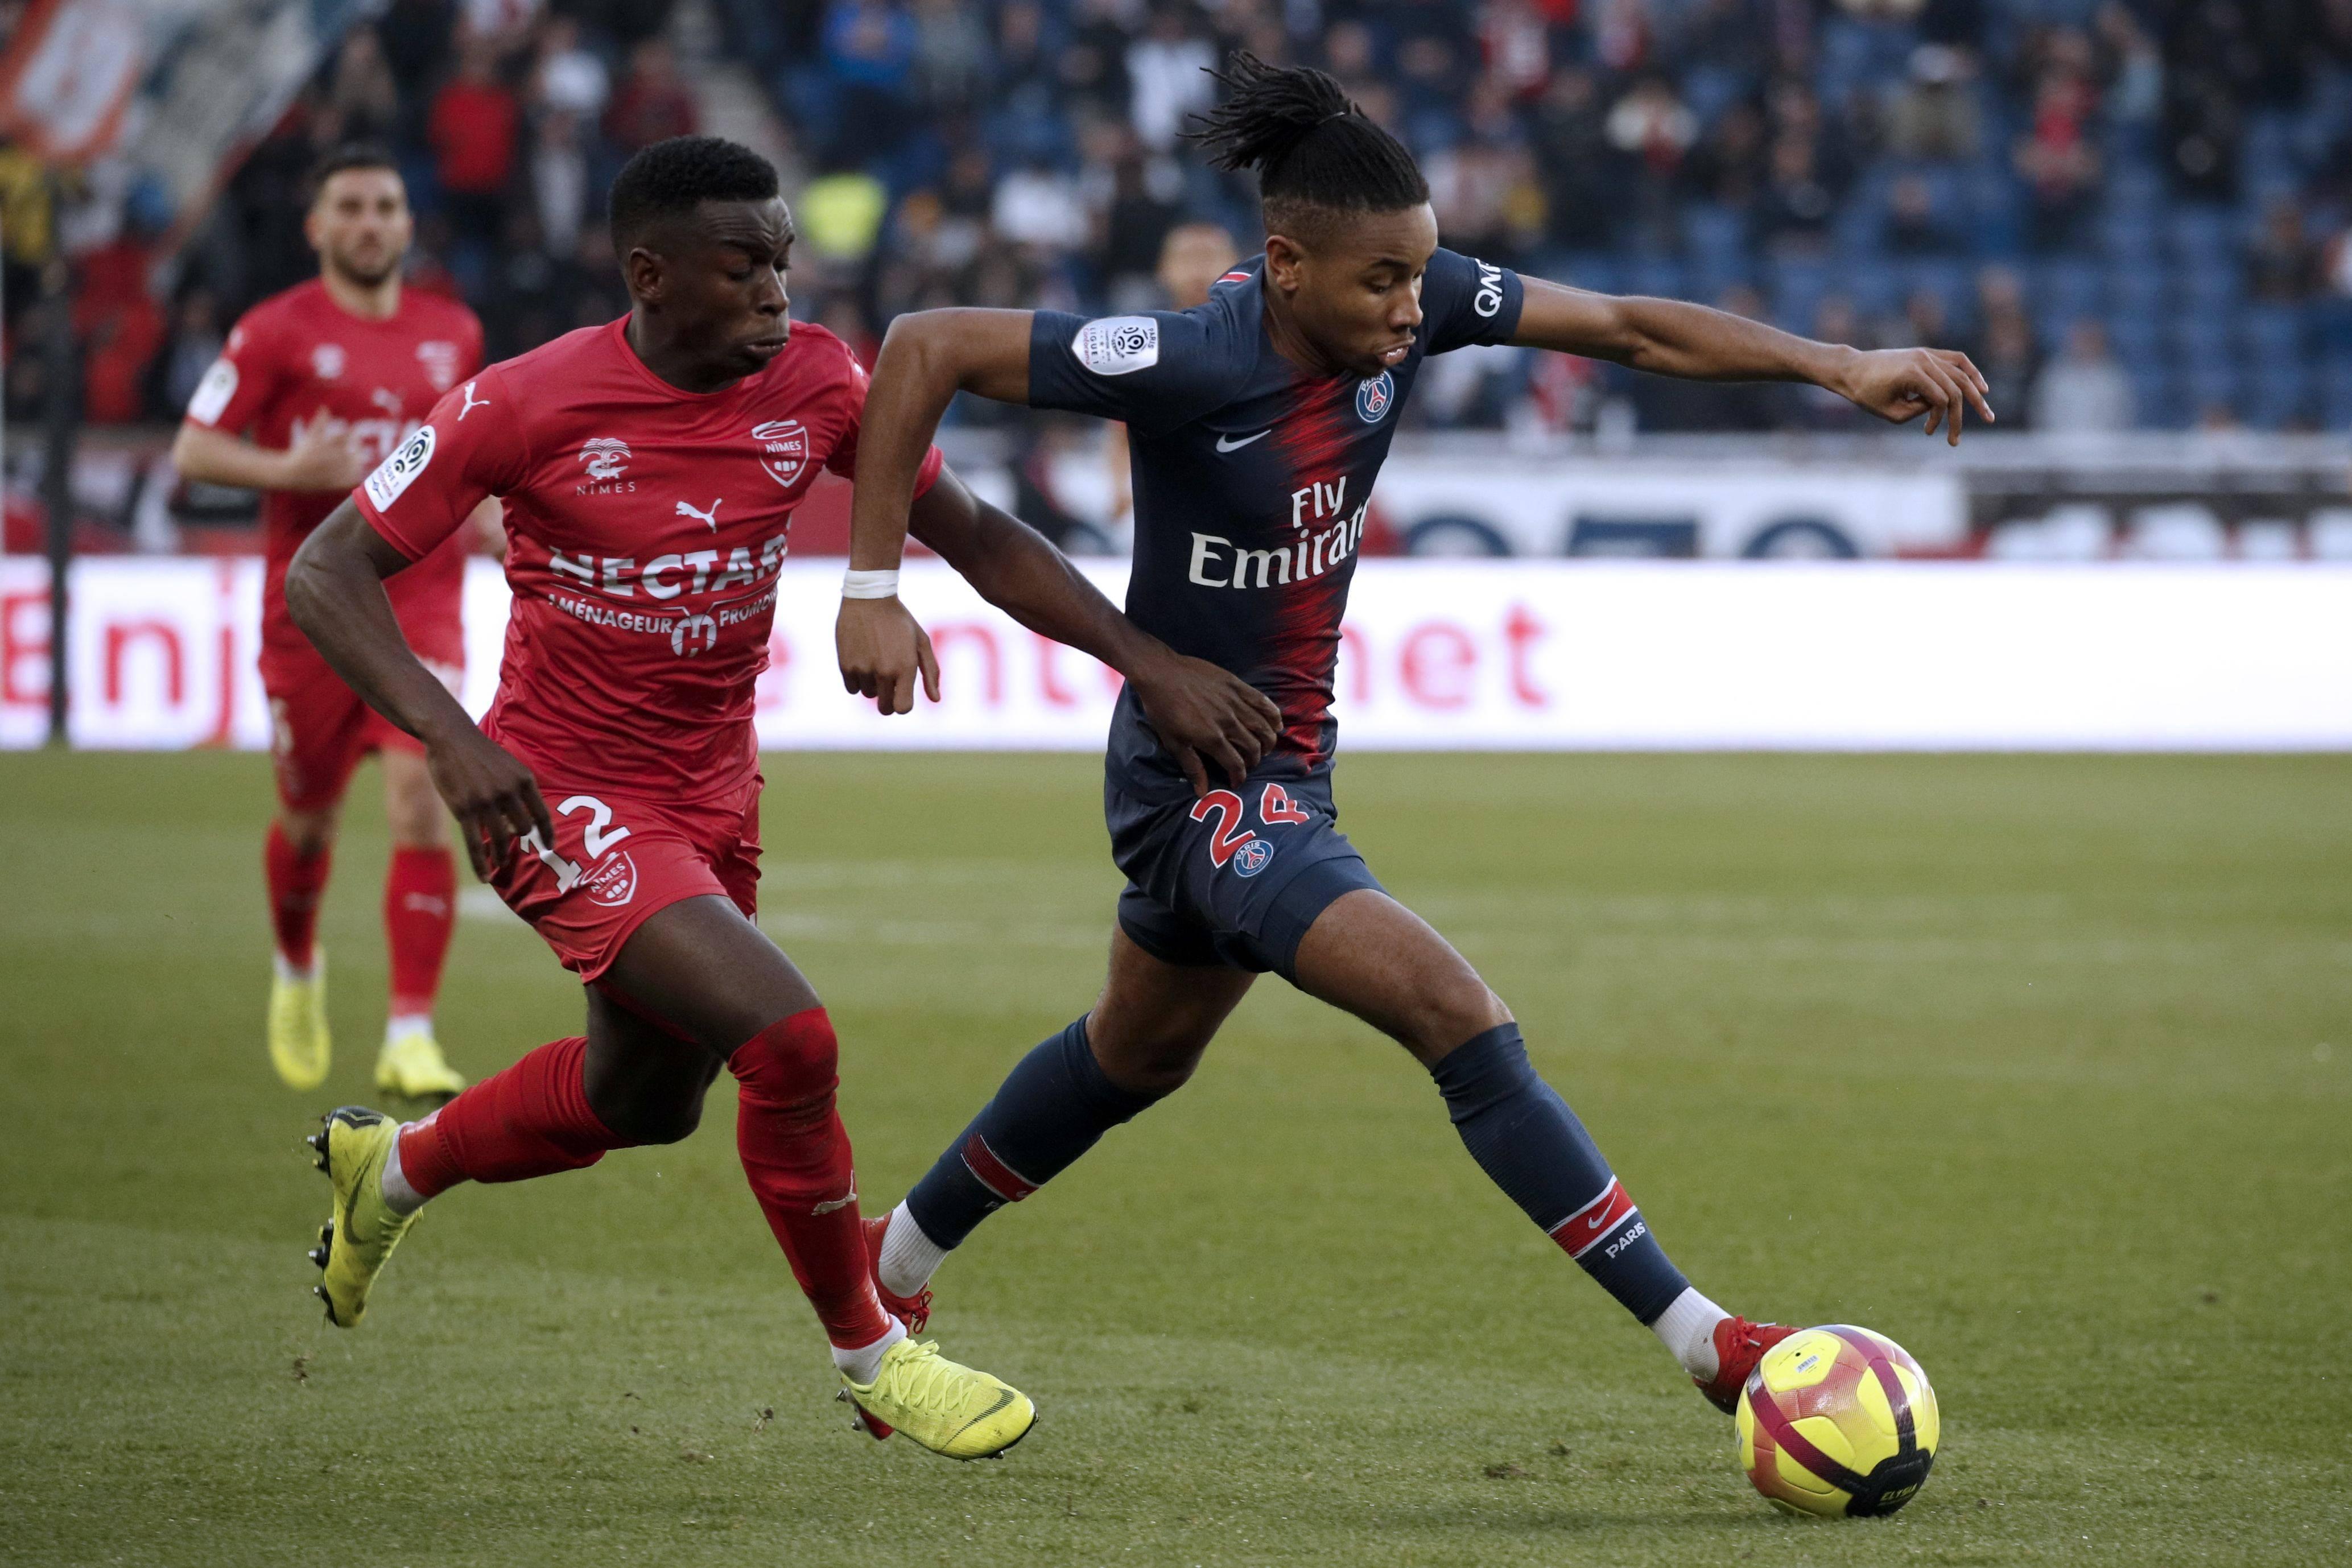 今天的推荐:0:00法国尼姆vs巴黎圣日耳曼